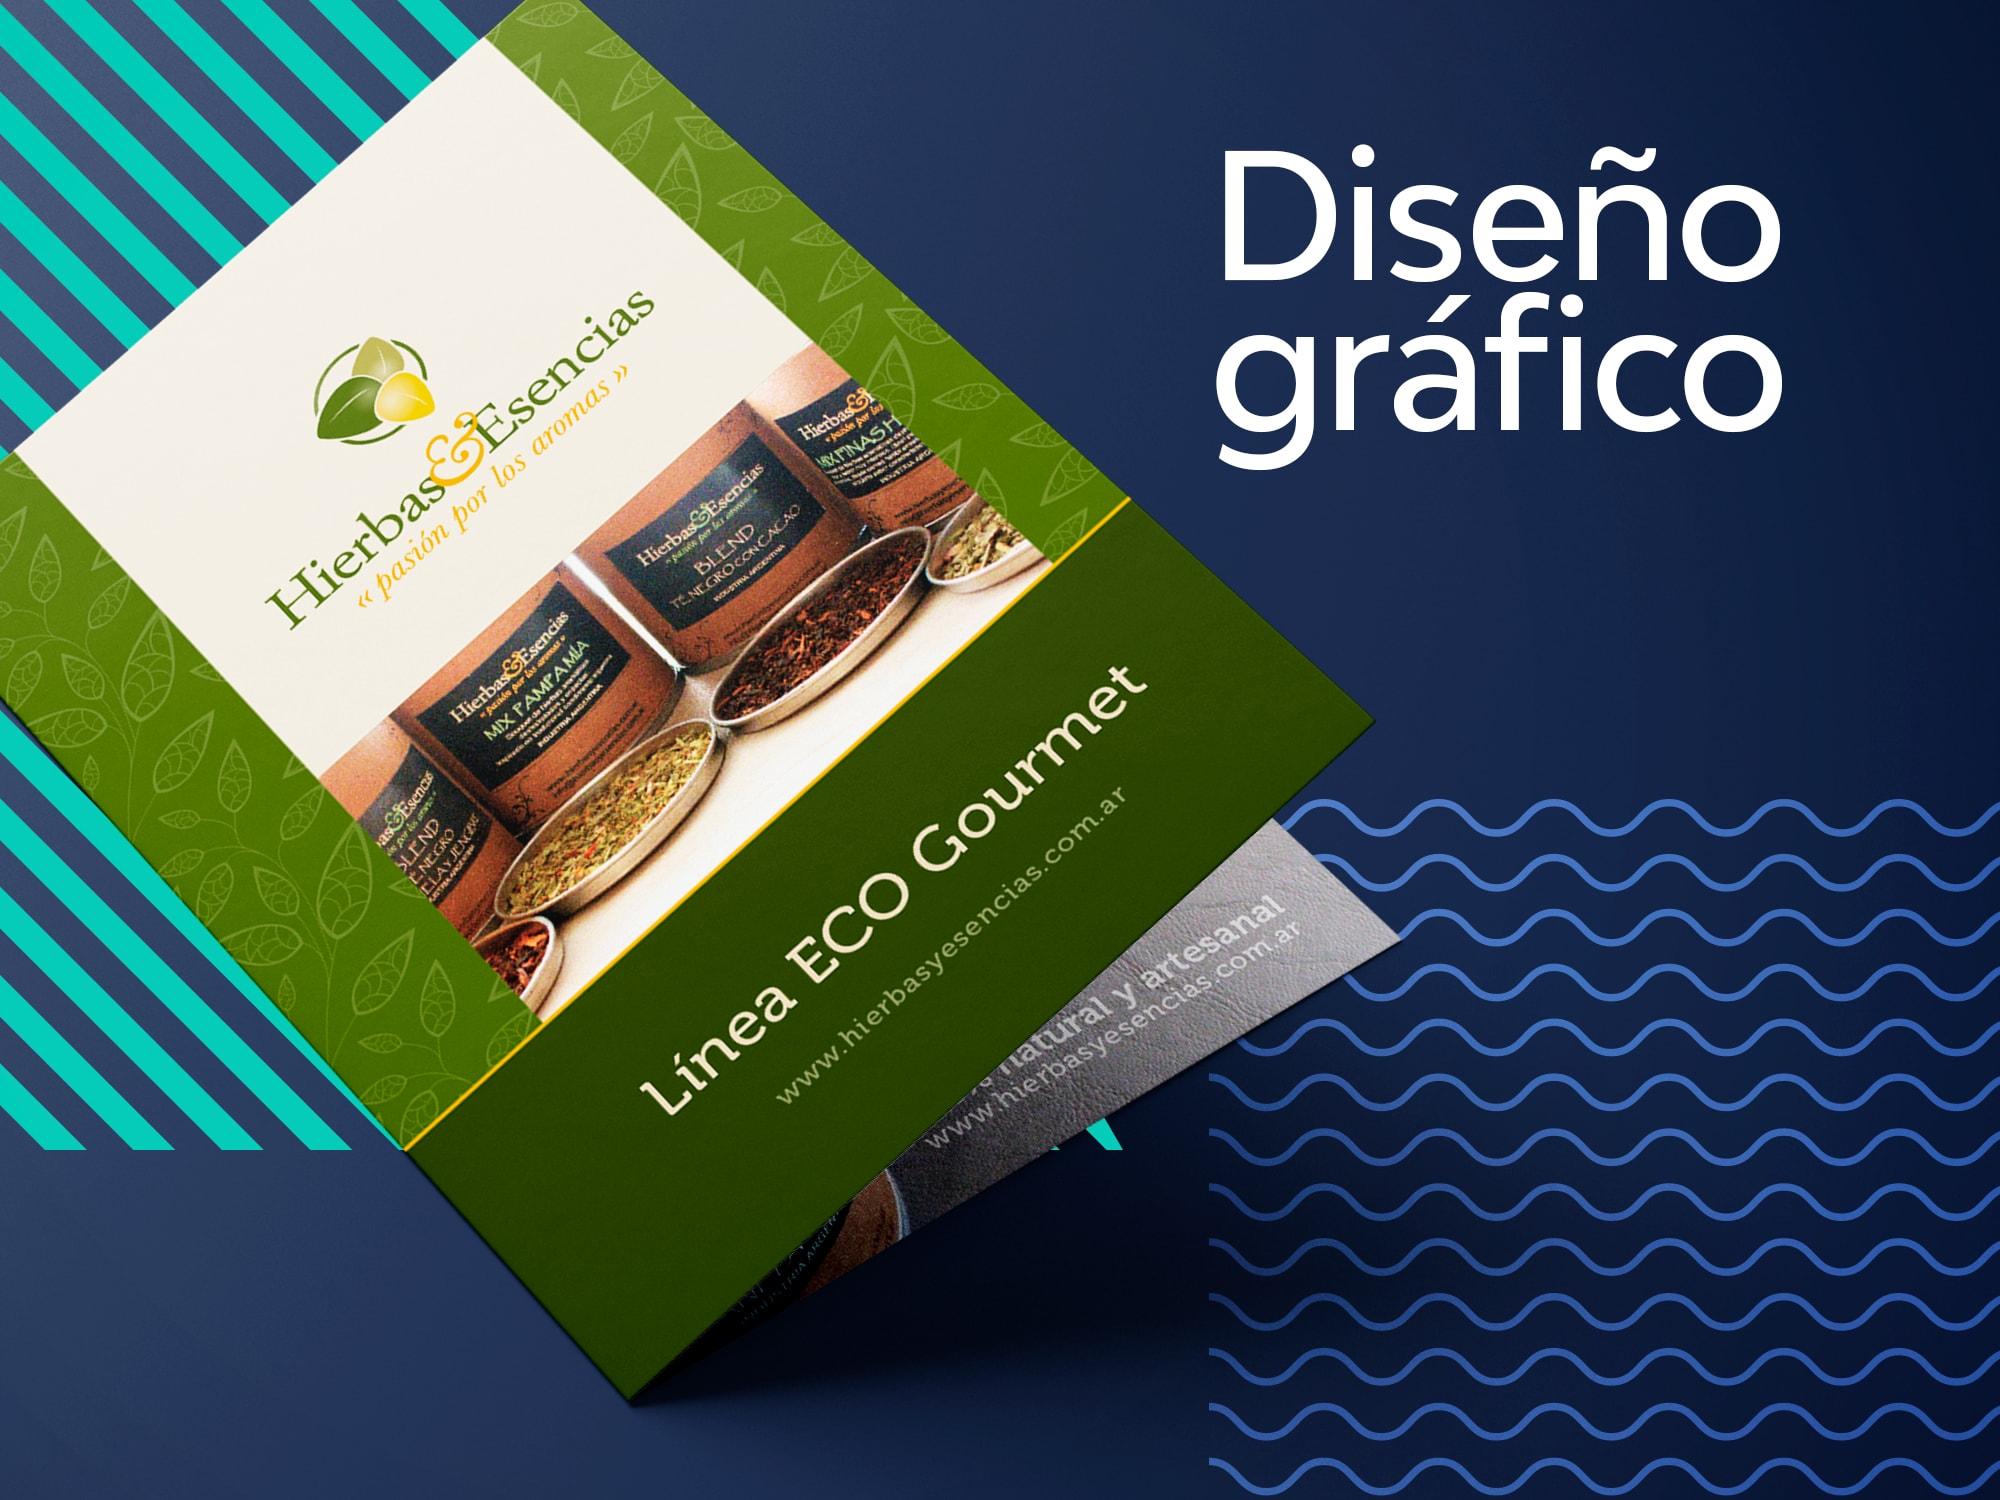 kaiserclick-diseño-grafico-ok